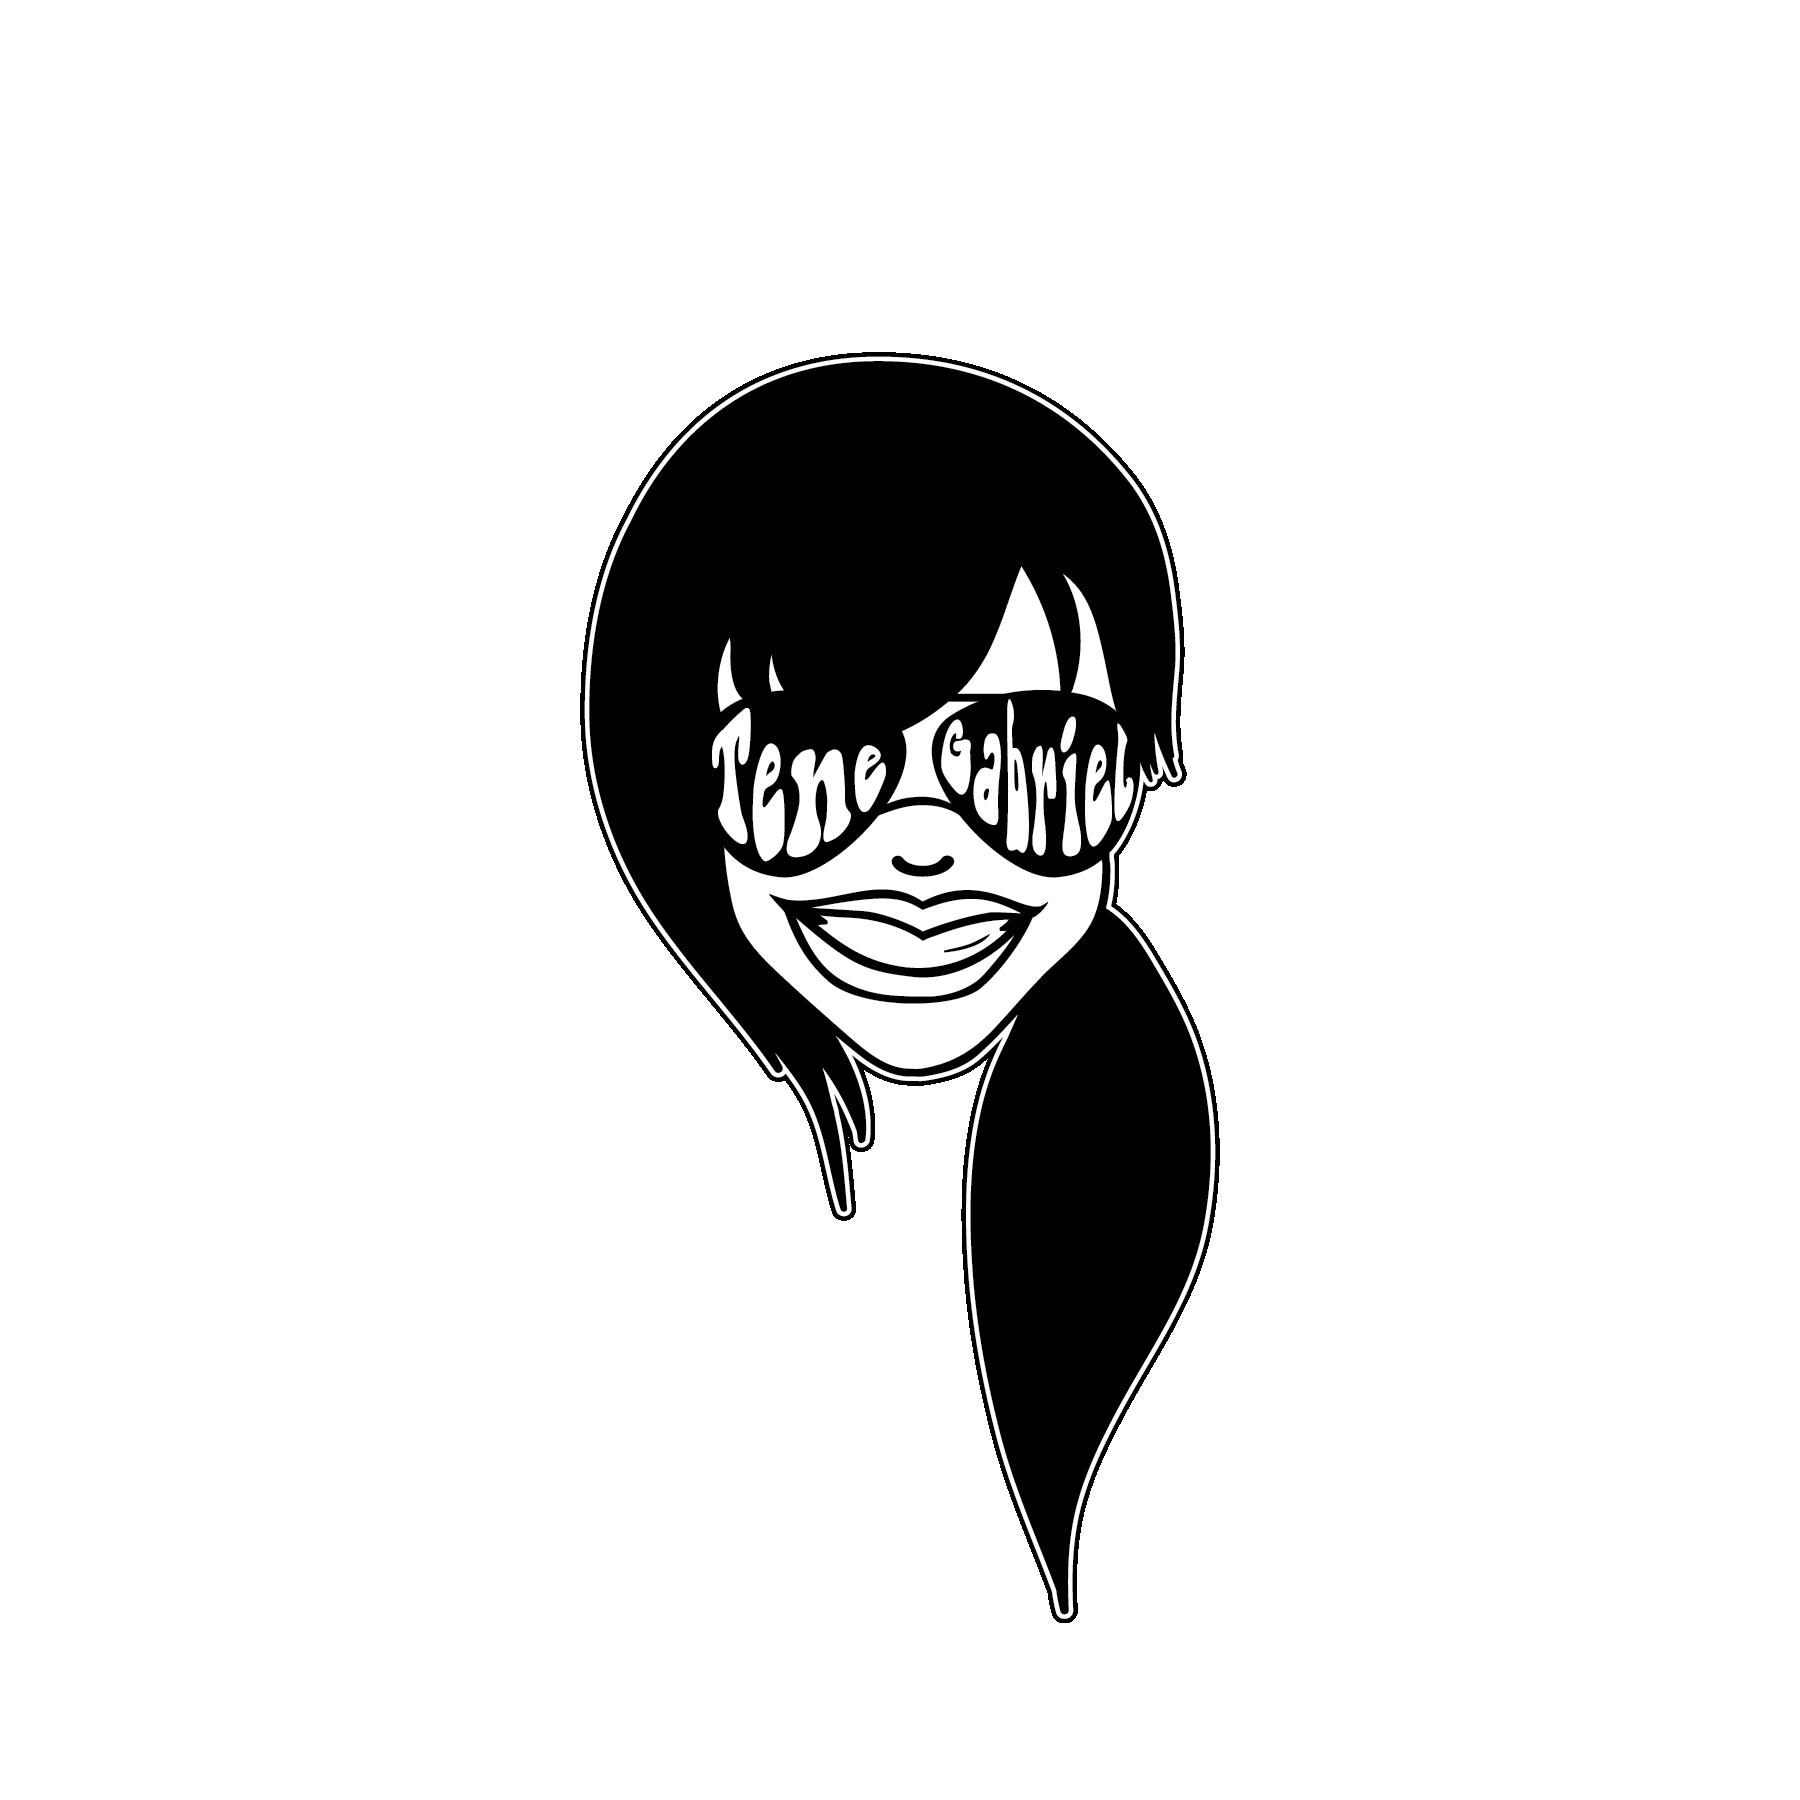 TeneGabriel_Logo-01.png